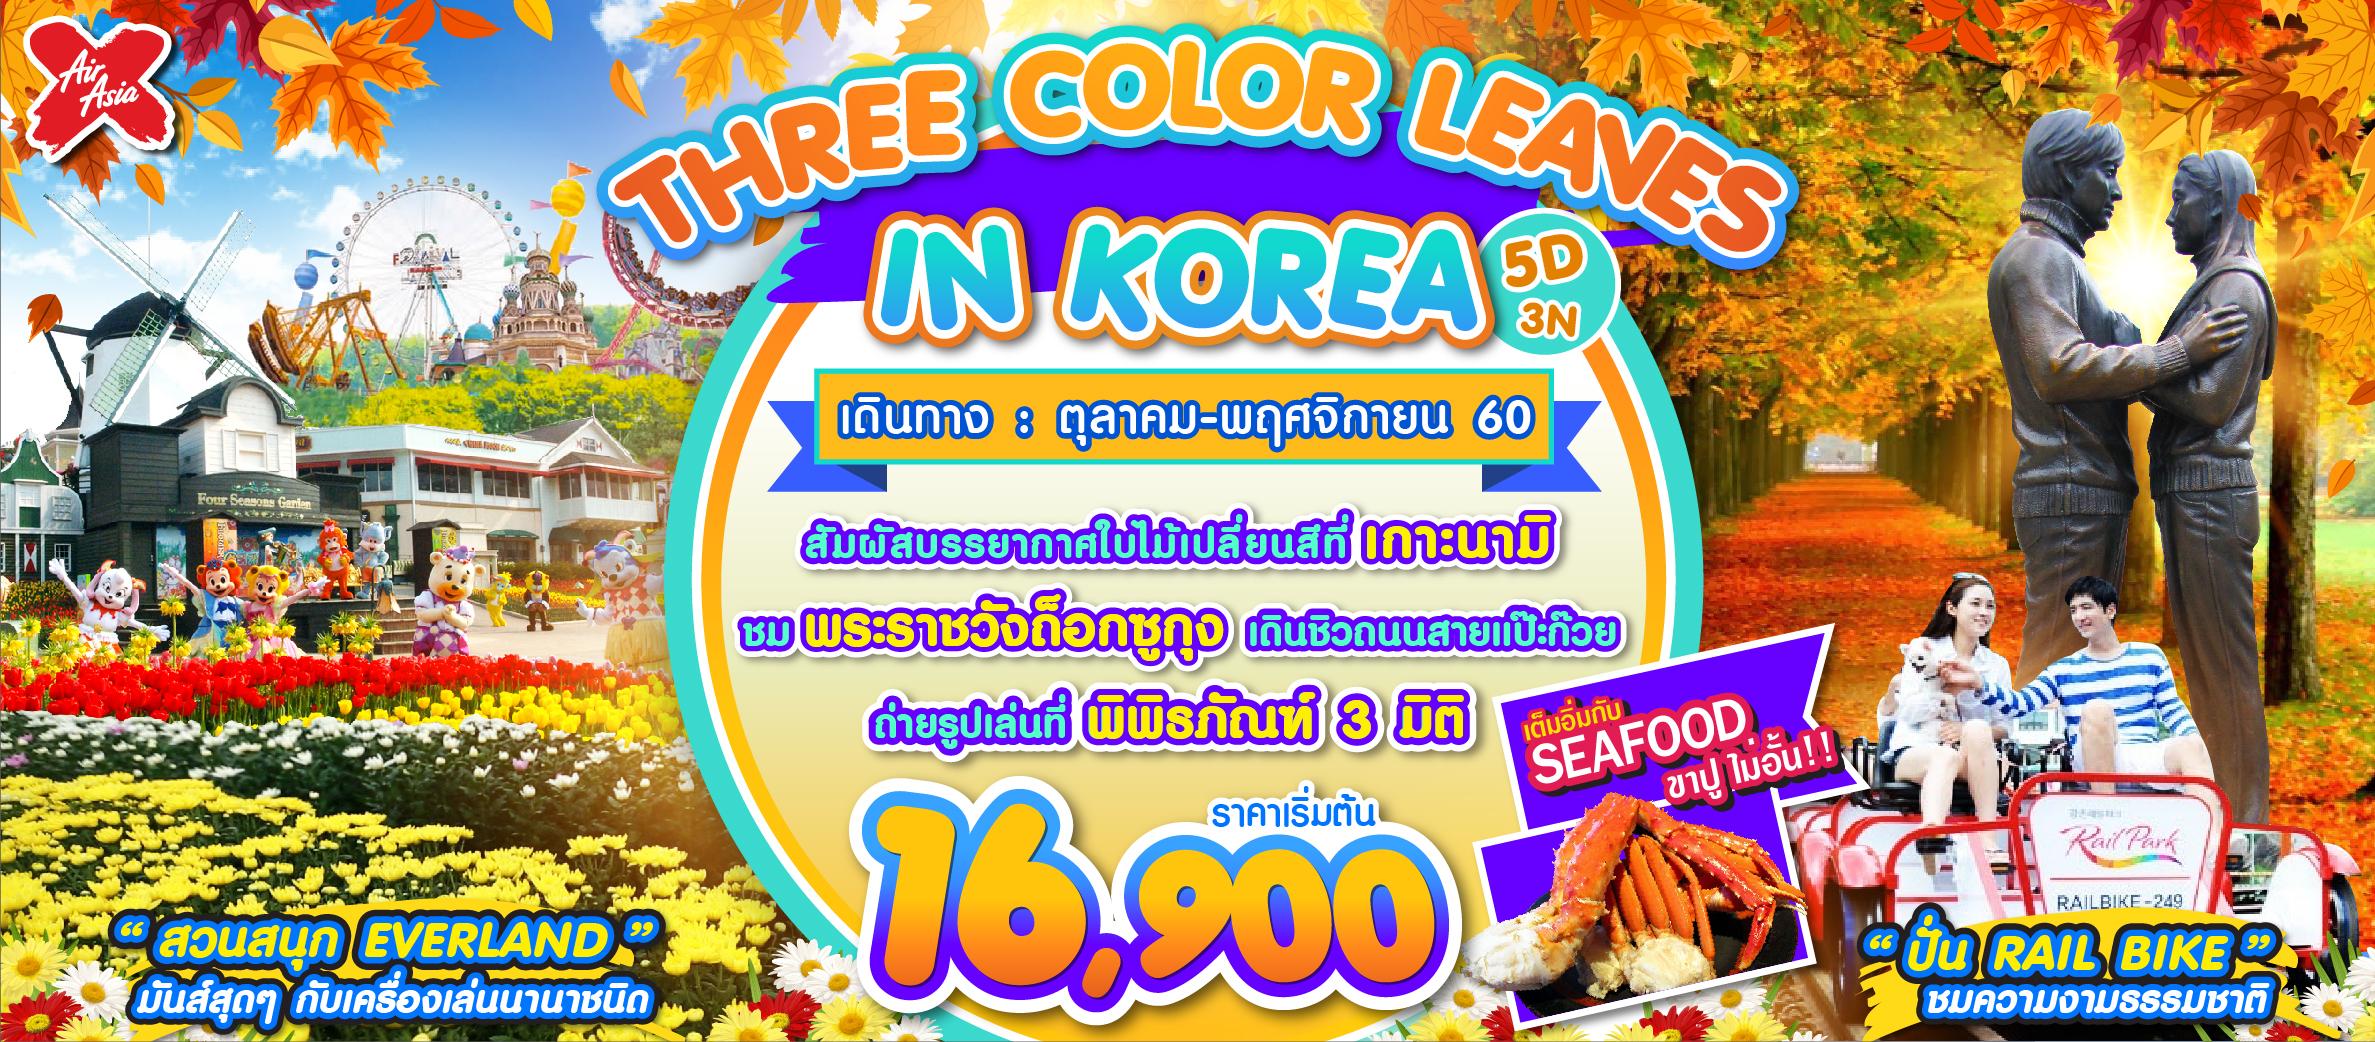 THREE COLOR LEAVES IN KOREA 5D3N (XJ) ต.ค-ธ.ค.60